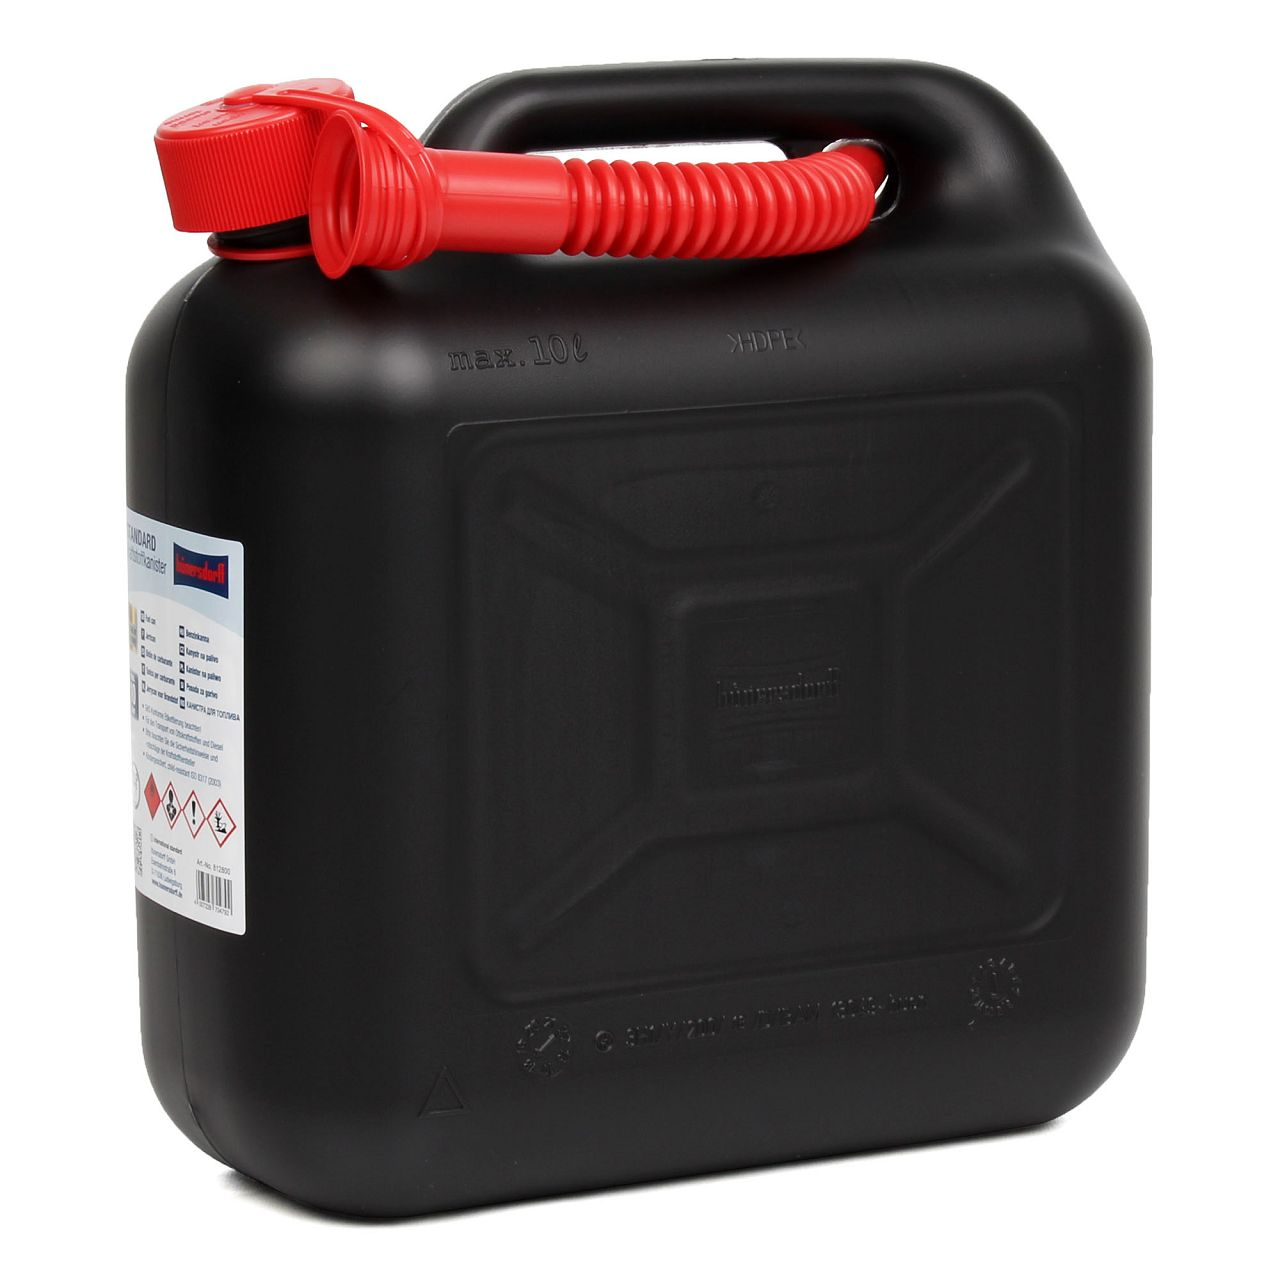 HÜNERSDORFF 812800 Kanister Benzinkanister Reservekanister 10 L Schwarz